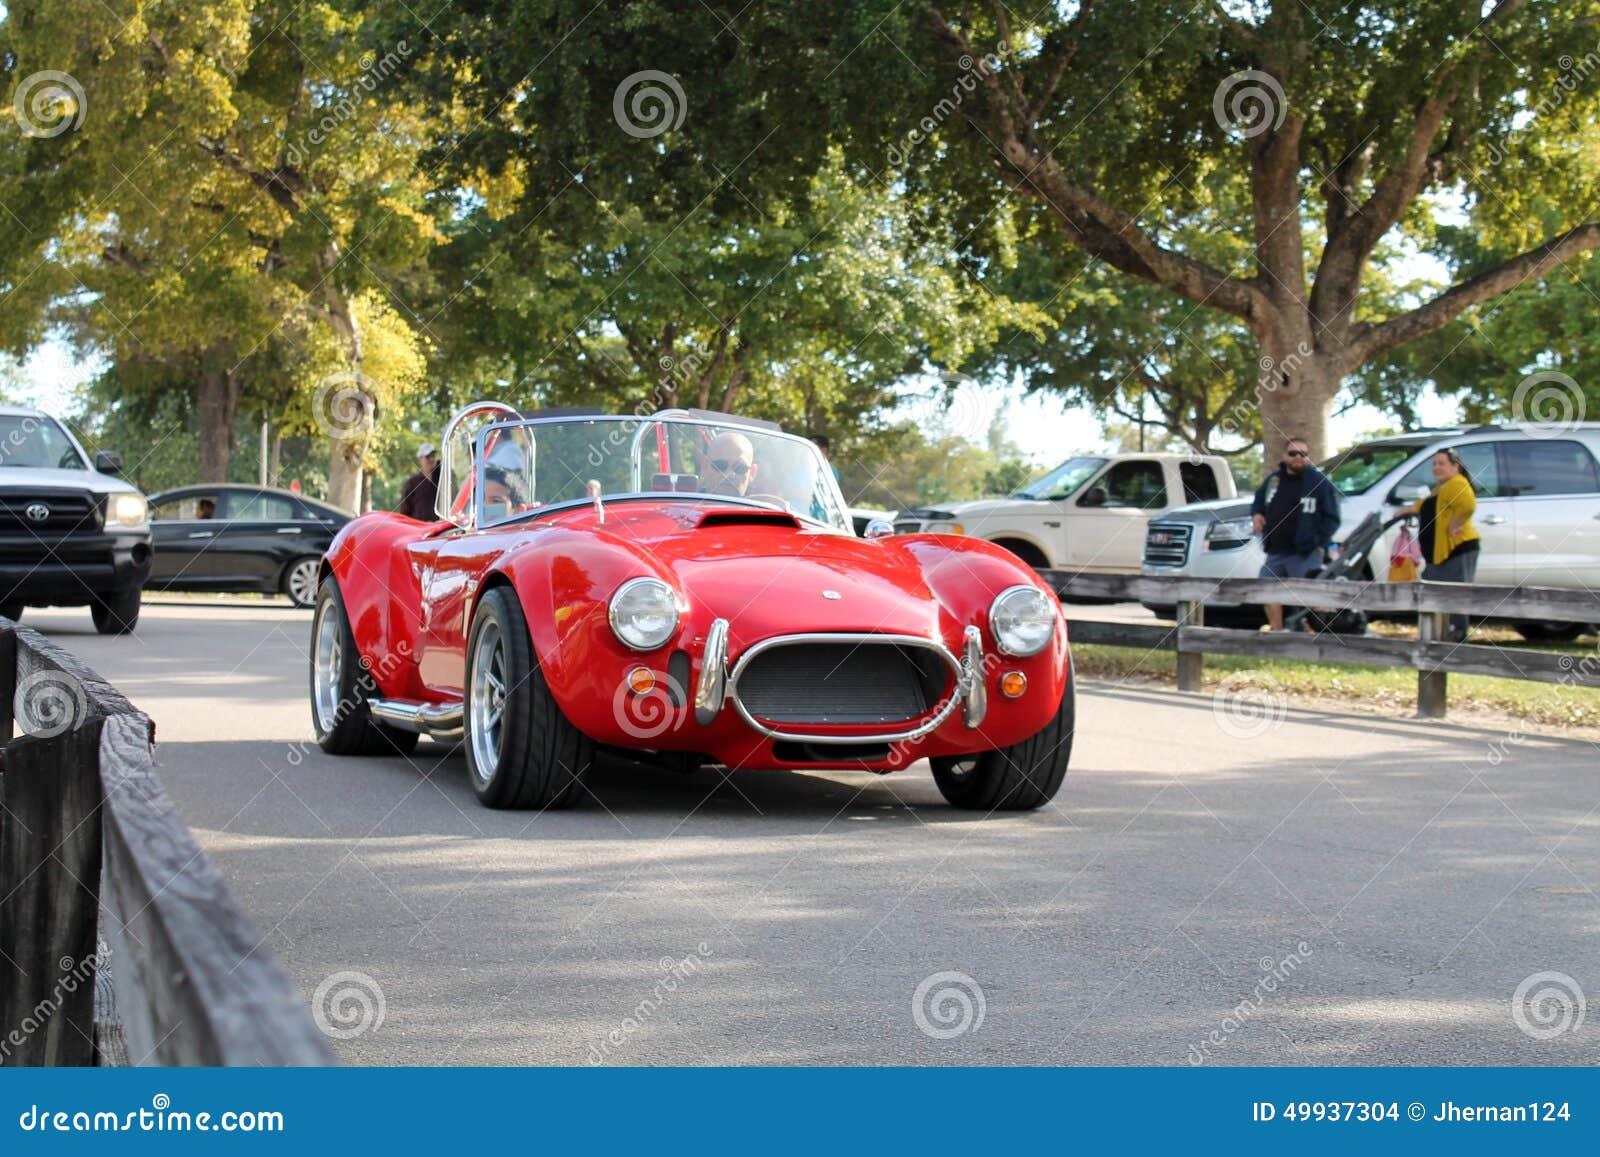 Vieille voiture de sport rouge classique image stock for Salon vieilles voitures